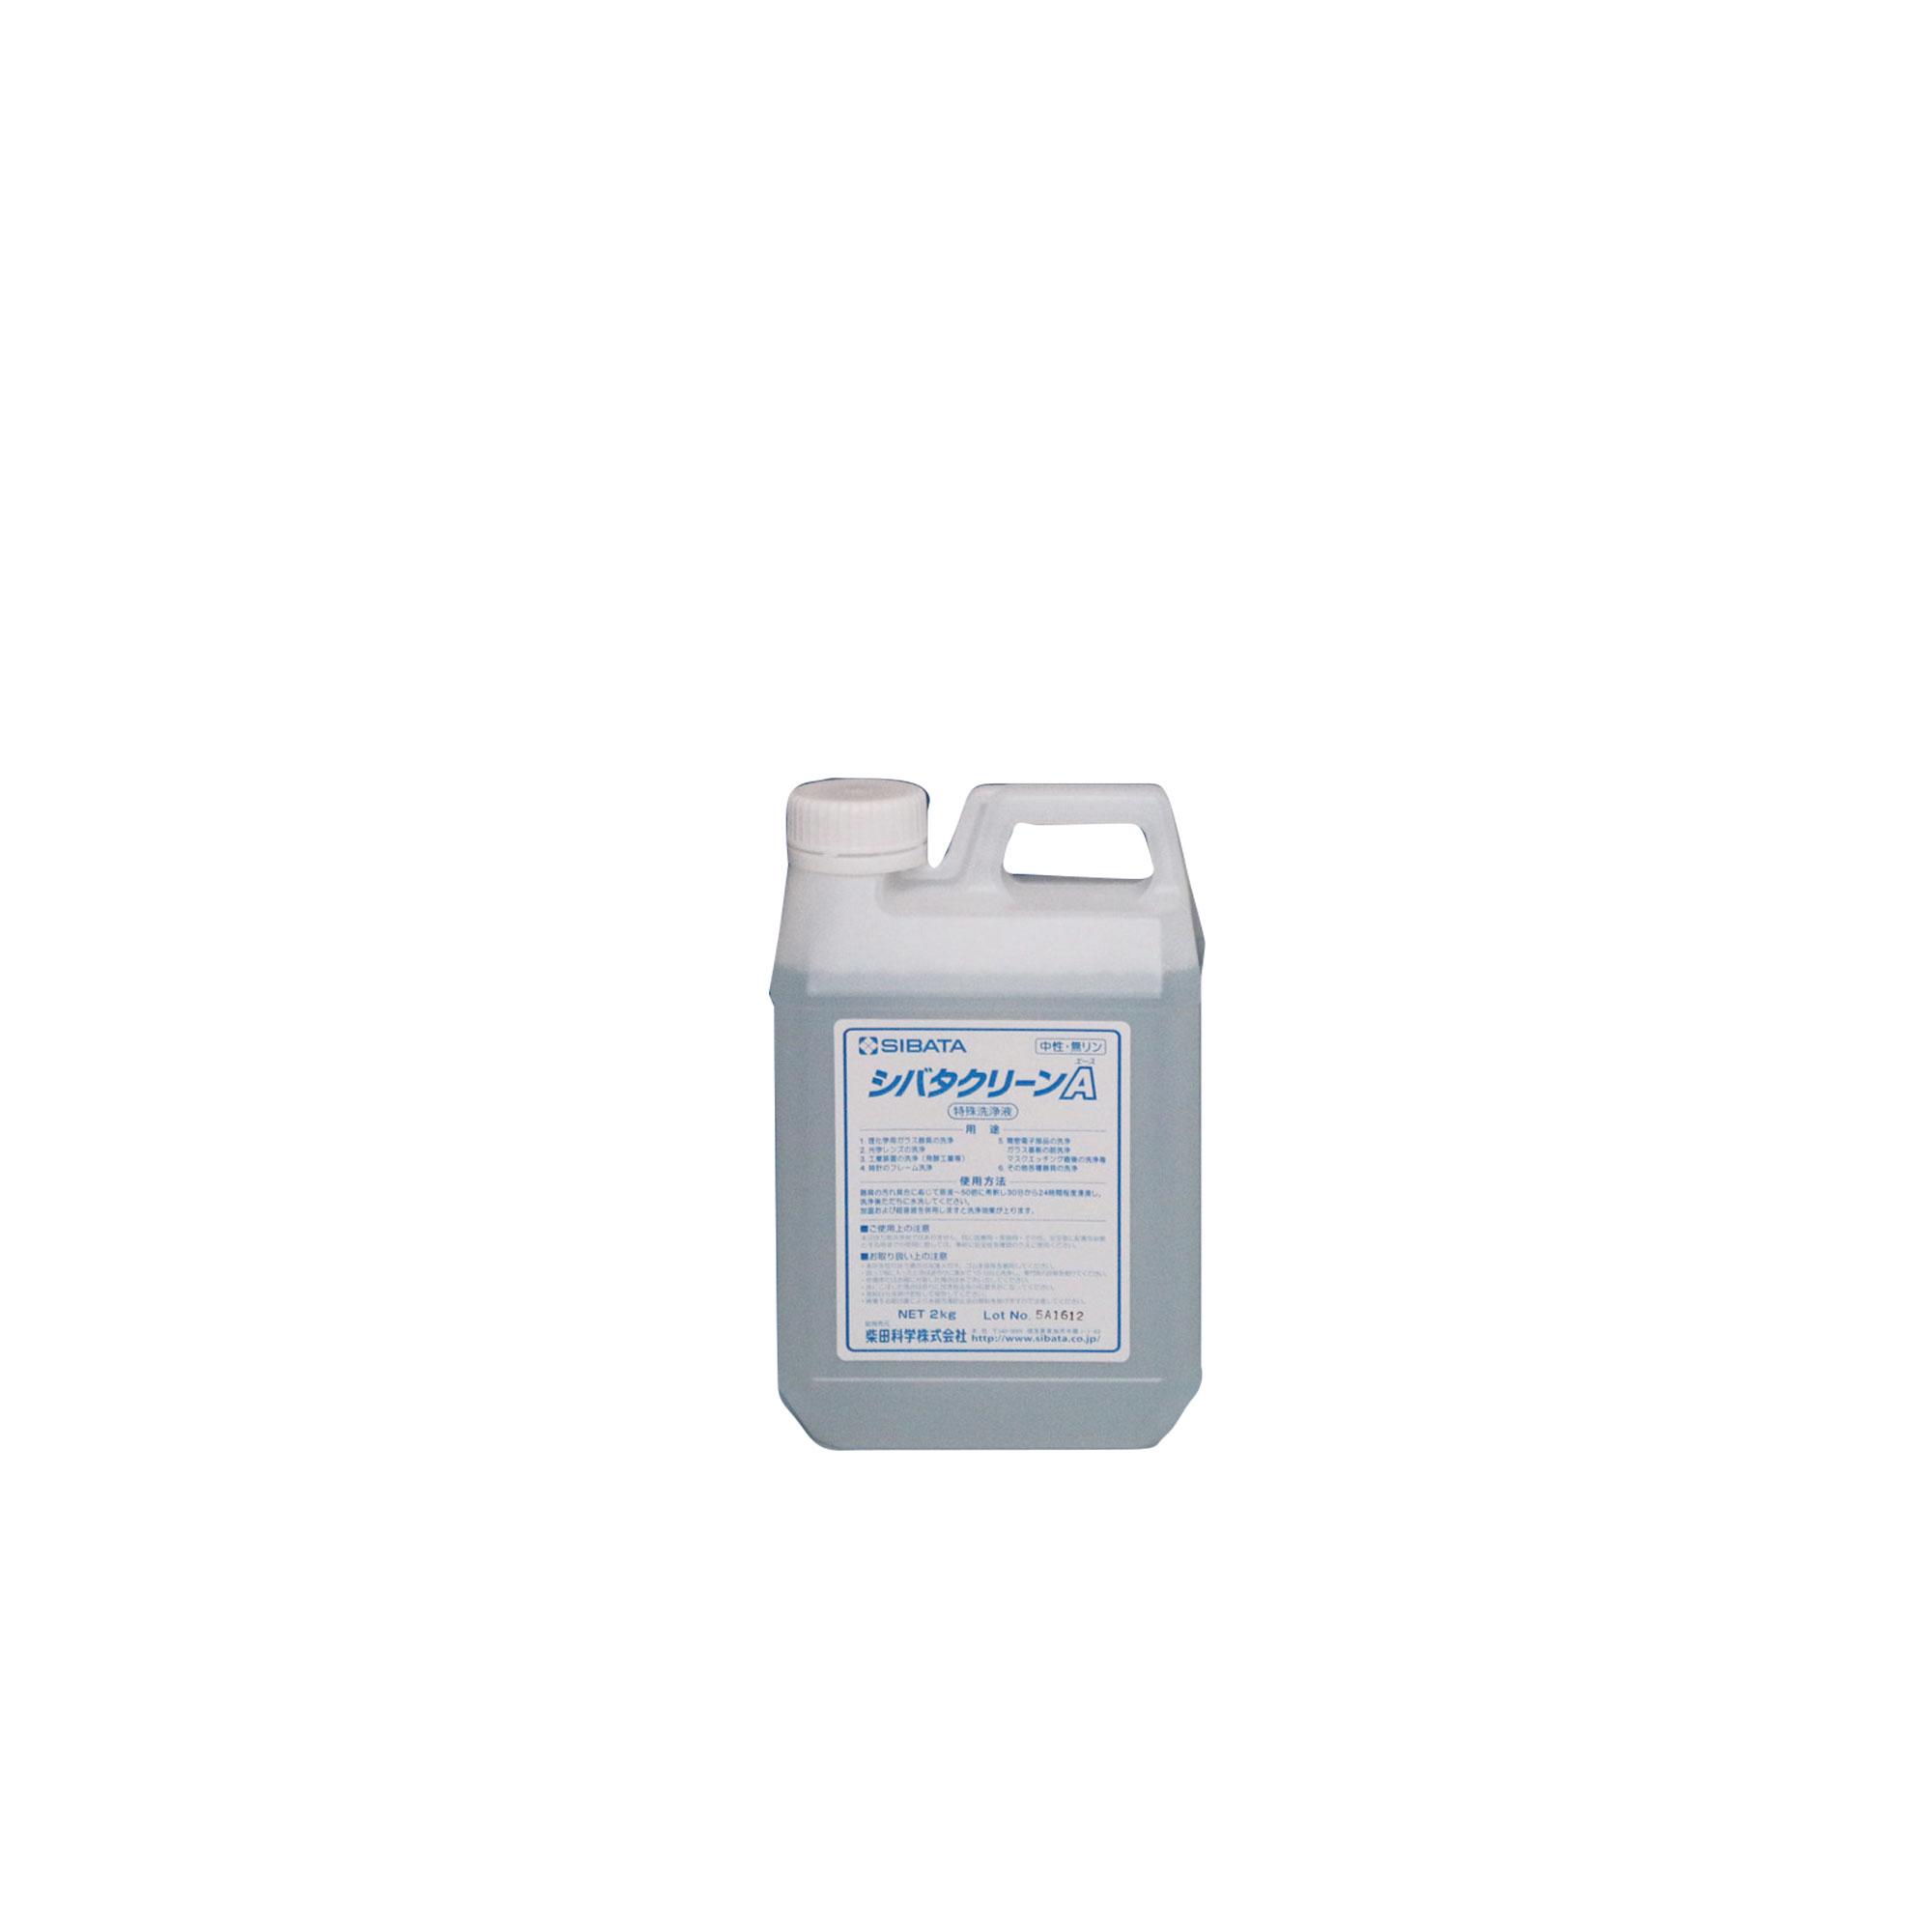 050810-700 洗浄剤 シバタクリーンA 2kg 柴田科学(SIBATA)